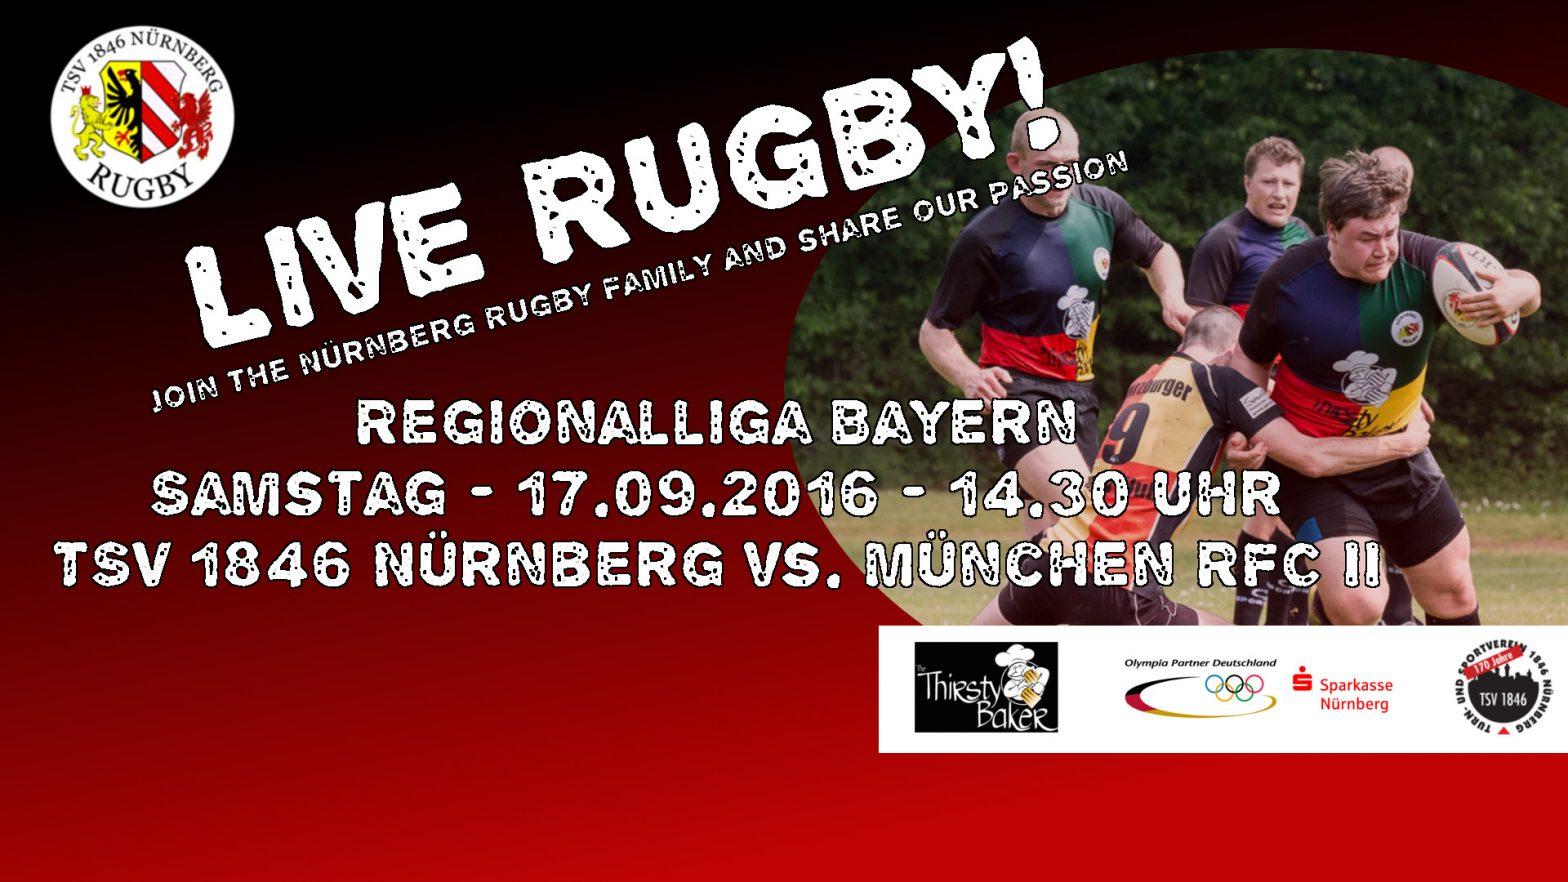 Endlich wieder Live Rugby in Nürnberg! Heimspiel-Knaller zum Auftakt